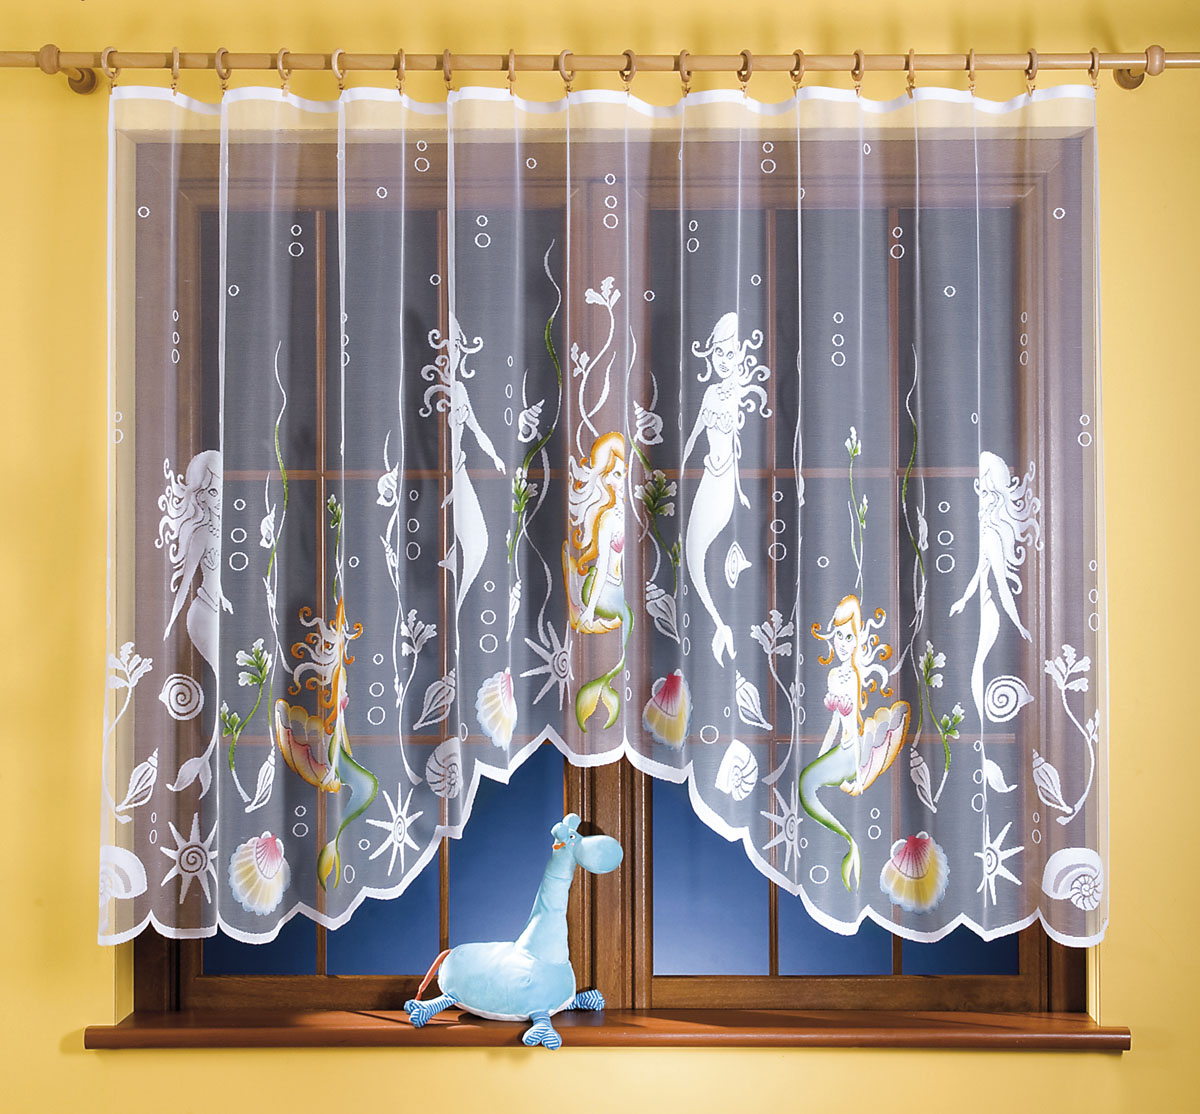 Гардина Syrenka, цвет: белый, высота 150 см662036Гардина Syrenka станет великолепным украшением любого окна. Гардина выполнена из легкого полиэстера белого цвета и оформлена изображением русалок. Тонкое плетение, оригинальный дизайн и нежная цветовая гамма привлекут внимание и украсят интерьер помещения. Гардина крепится к карнизу только с помощью зажимов (в комплект не входят). Характеристики:Материал: 100% полиэстер. Цвет: белый. Размер упаковки:27 см х 35 см х 3 см. Артикул: 662036.В комплект входит: Гардина - 1 шт. Размер (ШхВ): 300 см х 150 см. Фирма Wisan на польском рынке существует уже более пятидесяти лет и является одной из лучших польских фабрик по производству штор и тканей. Ассортимент фирмы представлен готовыми комплектами штор для гостиной, детской, кухни, а также текстилем для кухни (скатерти, салфетки, дорожки, кухонные занавески). Модельный ряд отличает оригинальный дизайн, высокое качество. Ассортимент продукции постоянно пополняется.